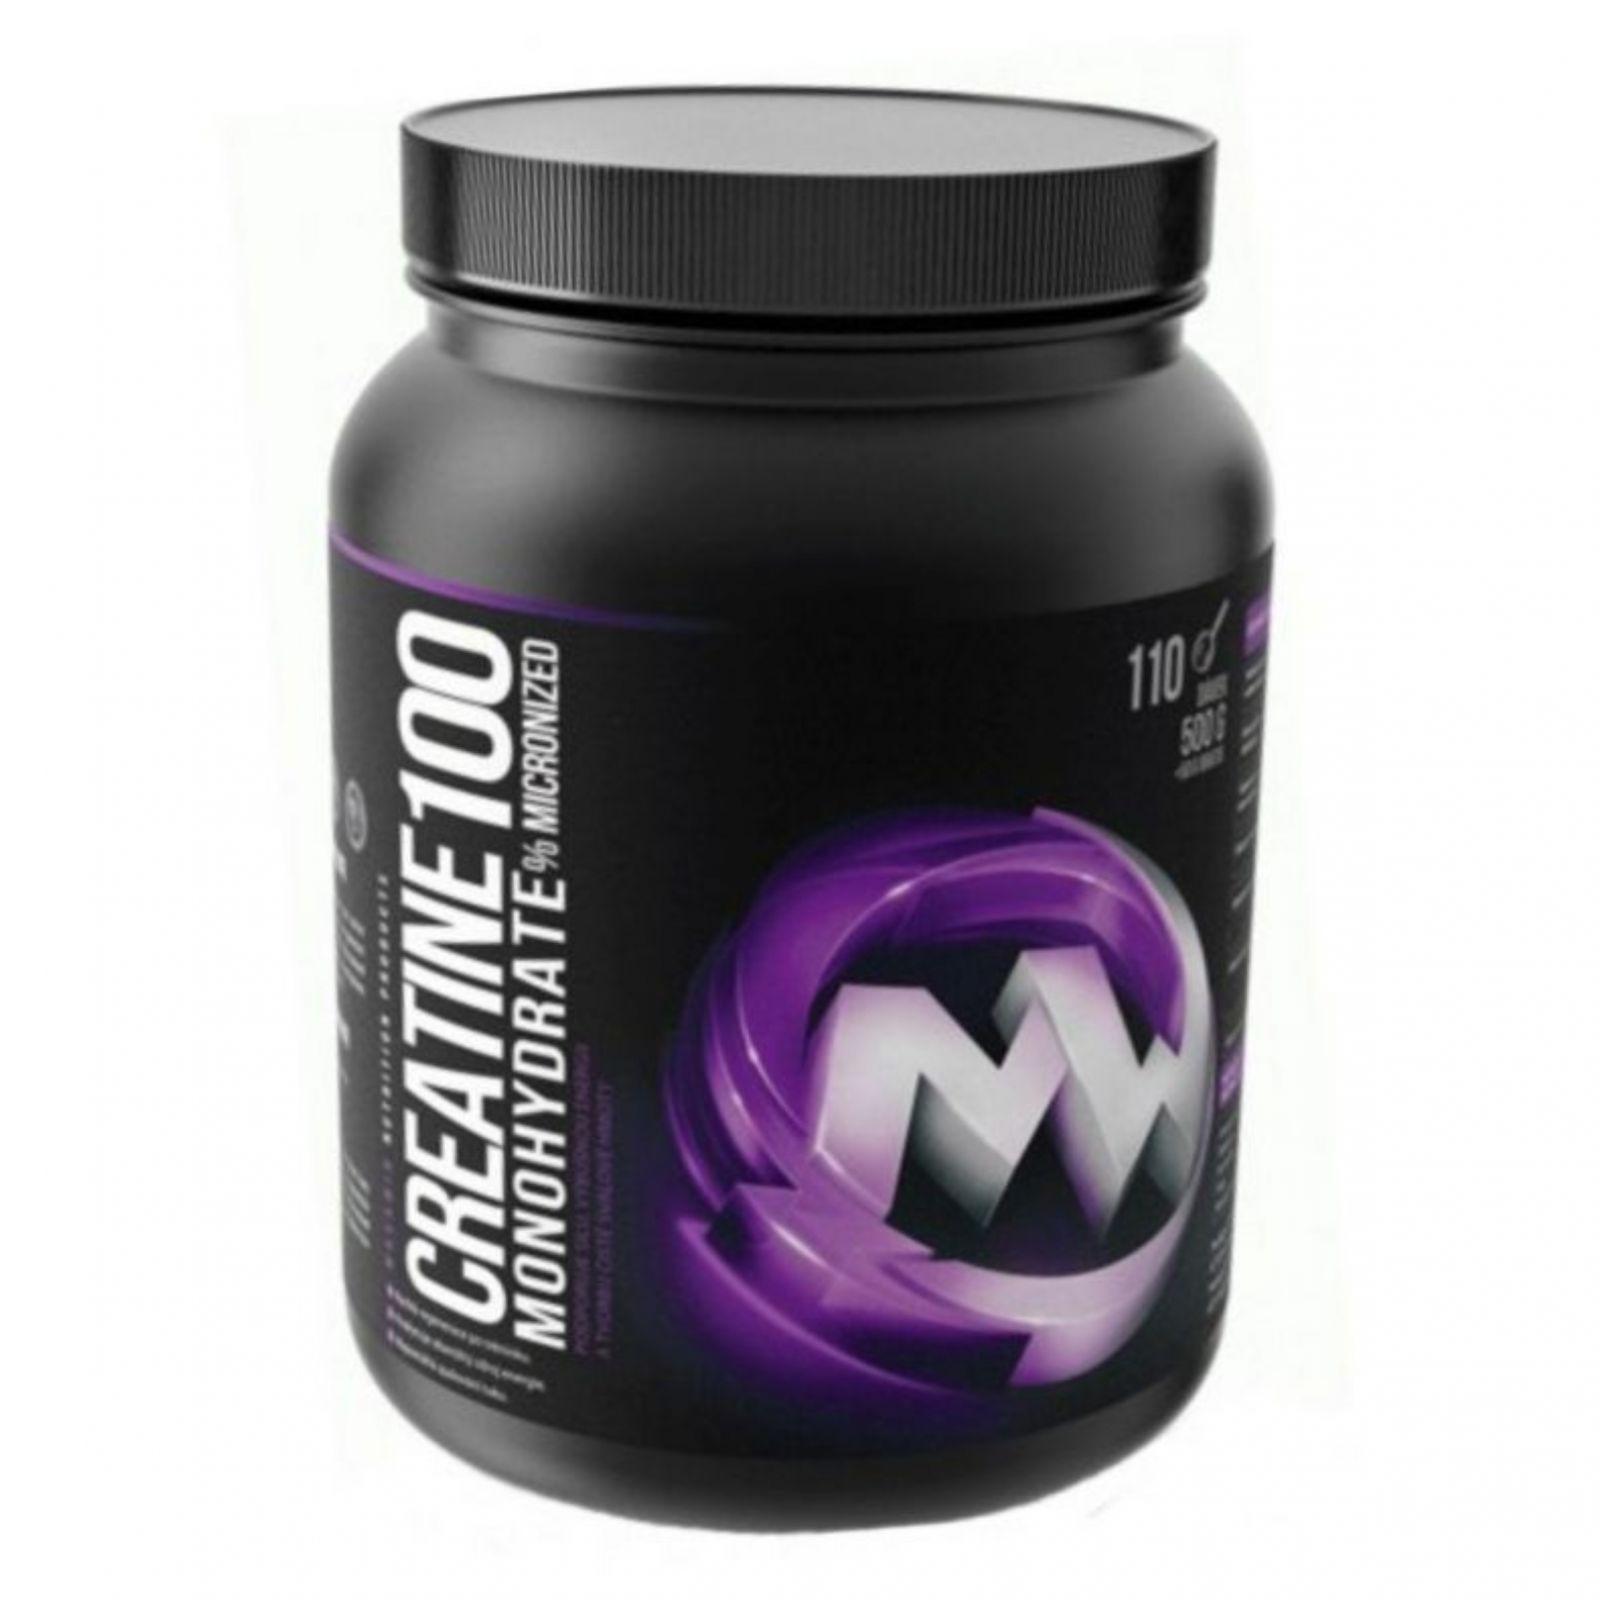 MAXXWIN Creatine Monohydrate 550g